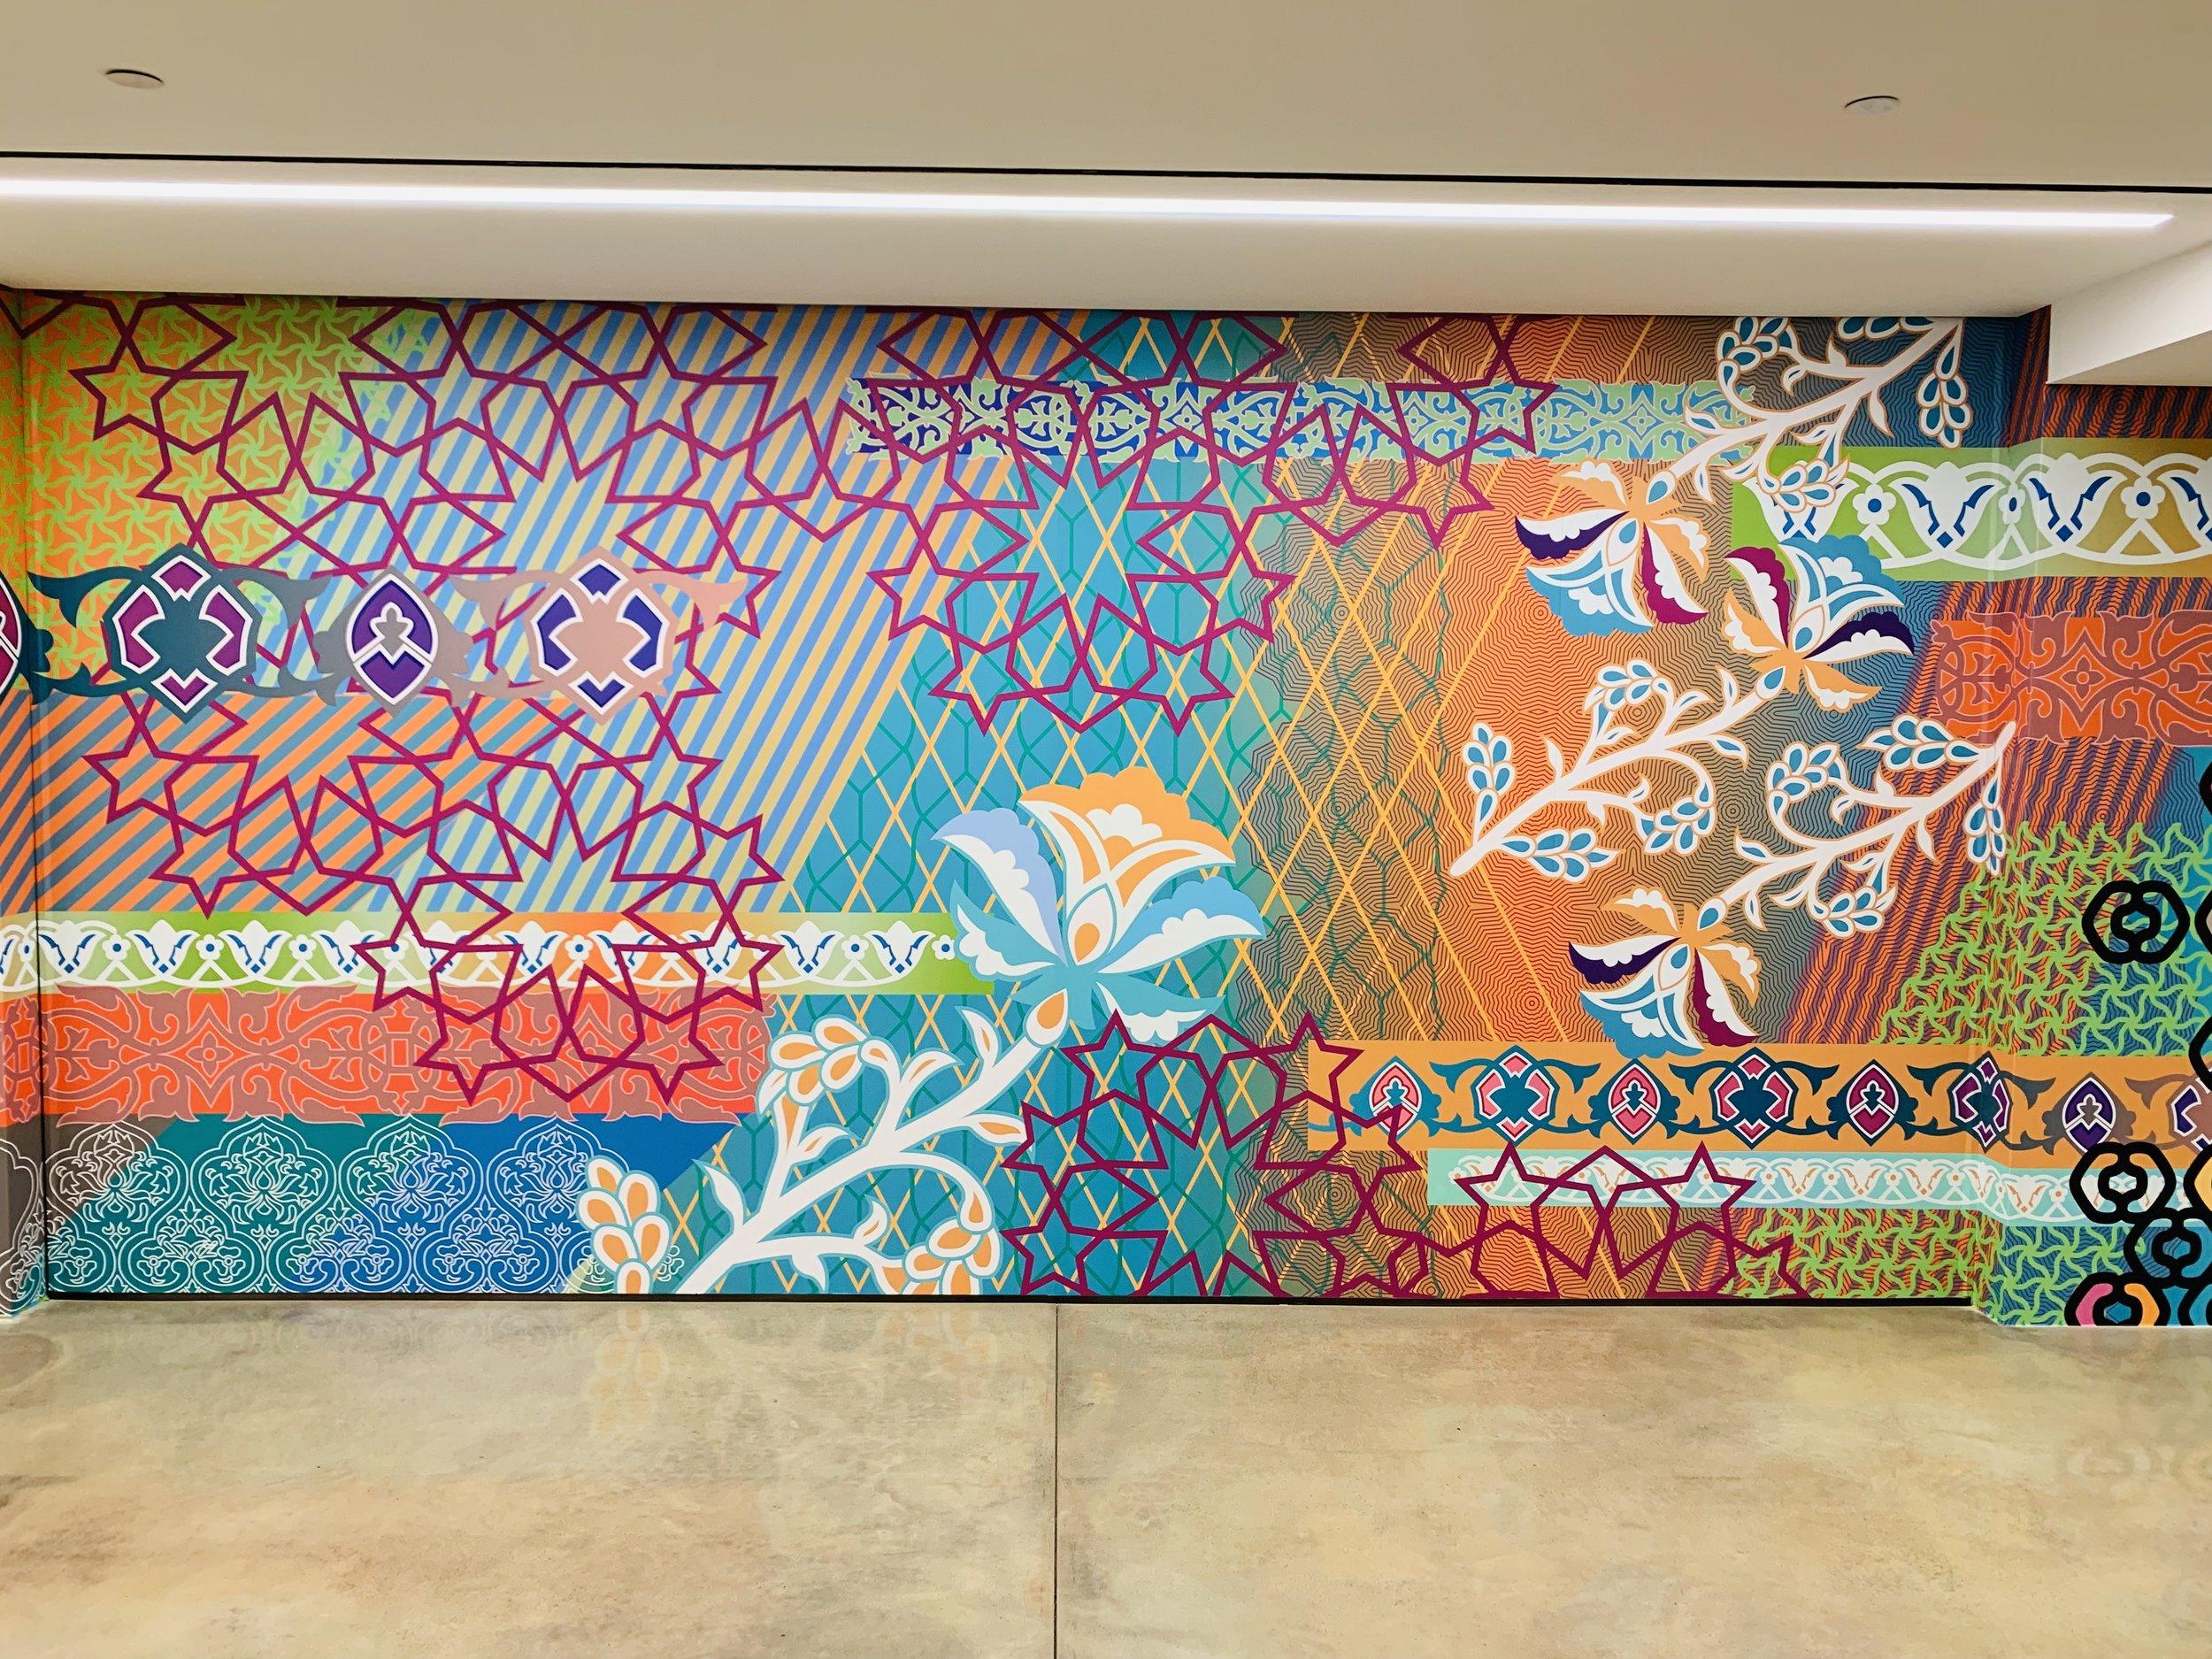 Detail of Iran motif